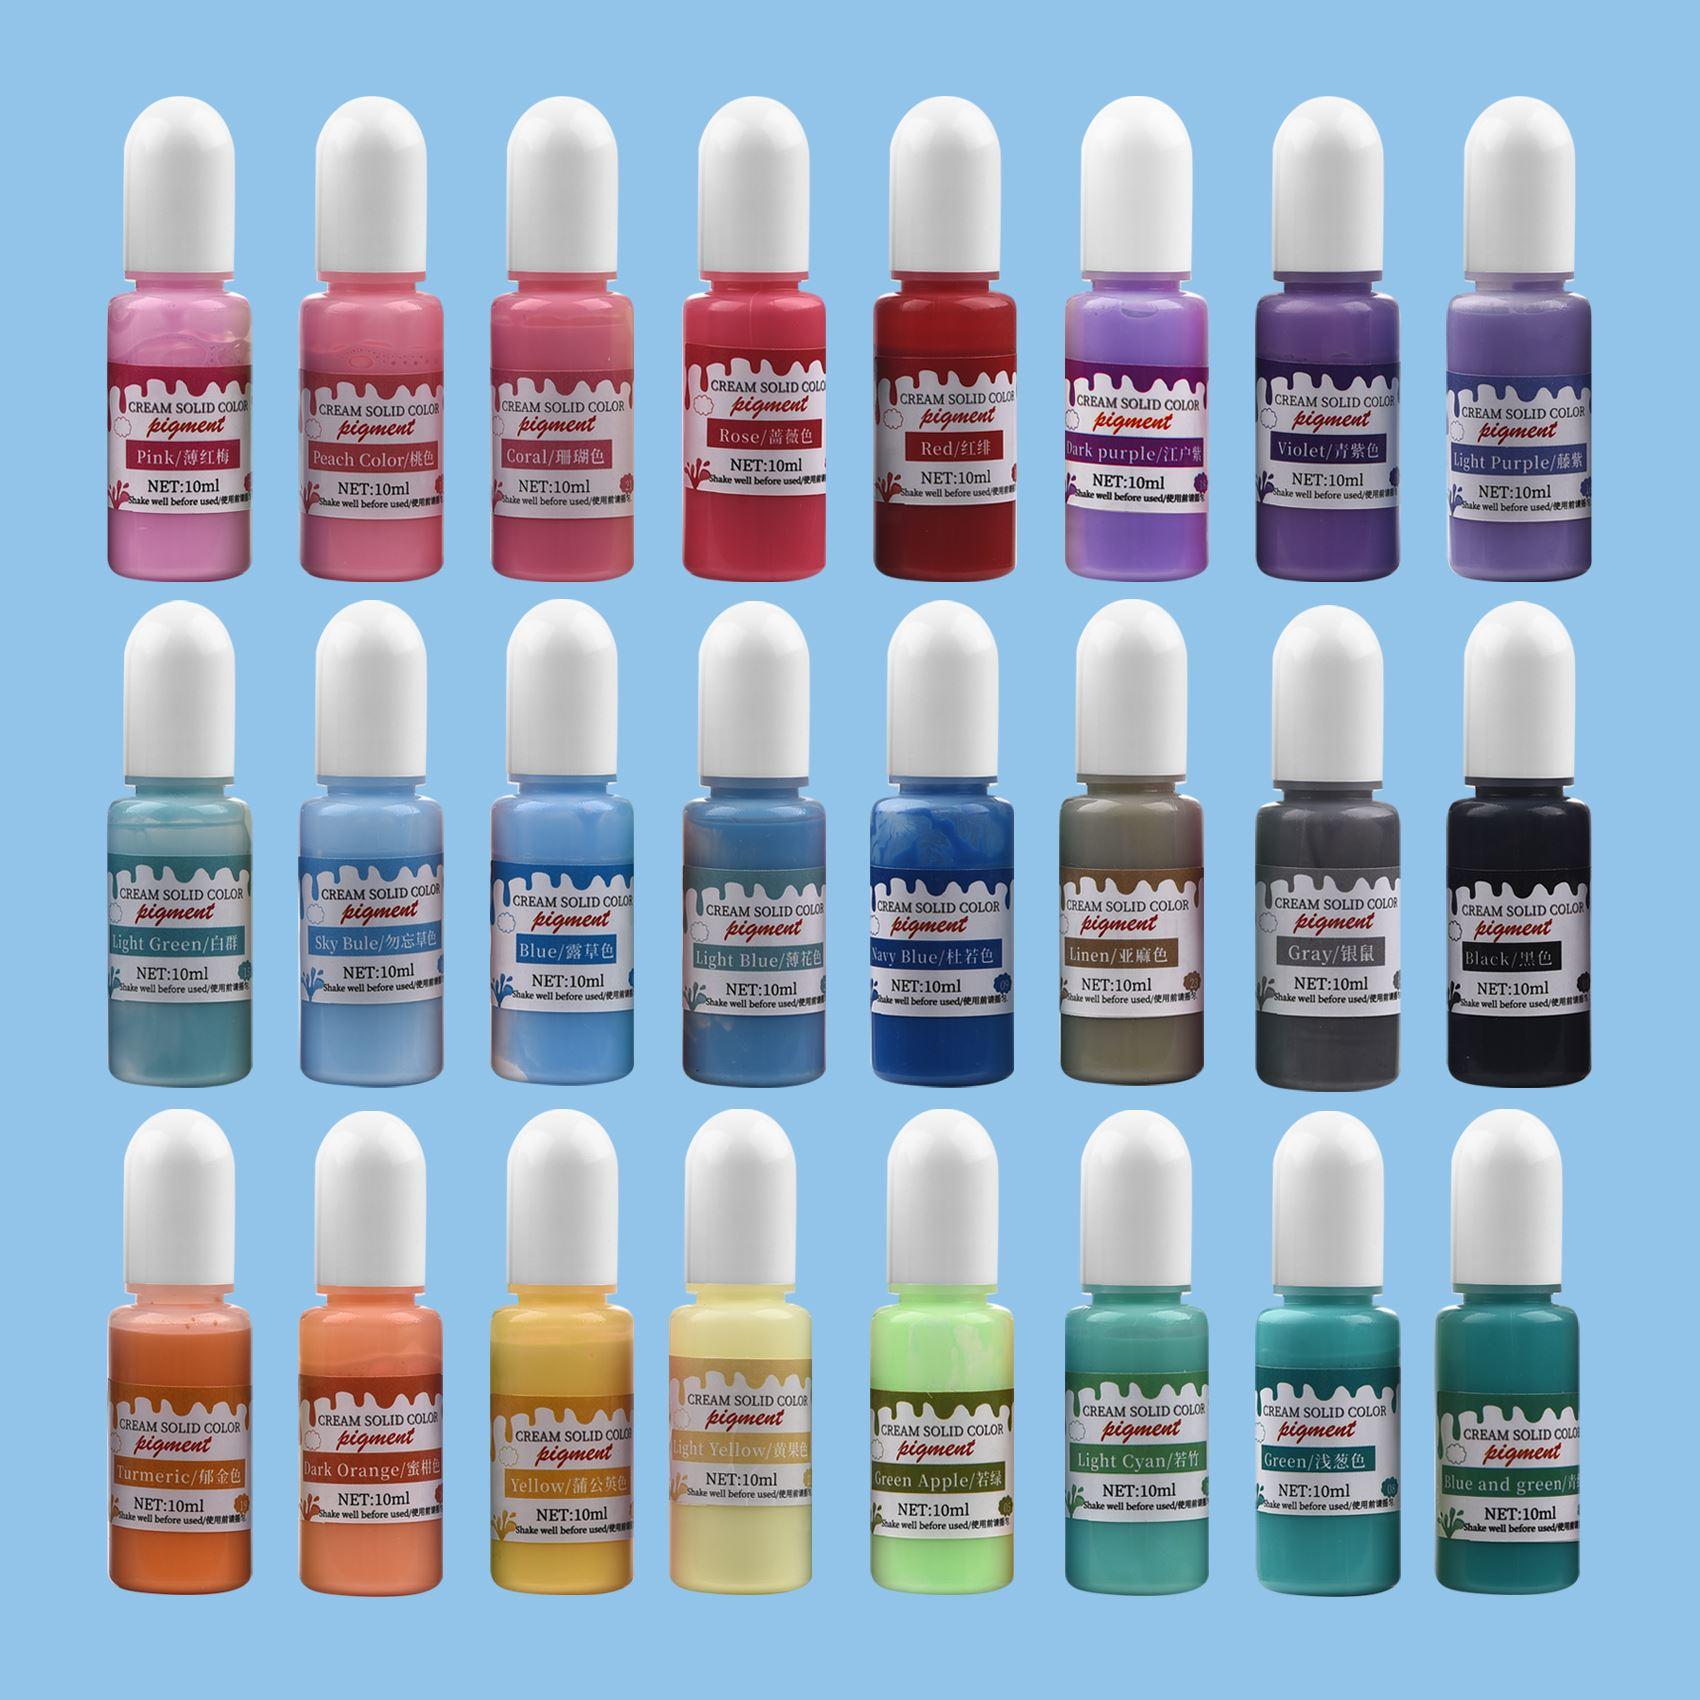 Reçine pigmentleri 24 renk 10ml sıvı epoksi reçine Pigment reçine kalıp boyama boya renklendirici el yapımı DIY takı yapımı el sanatları